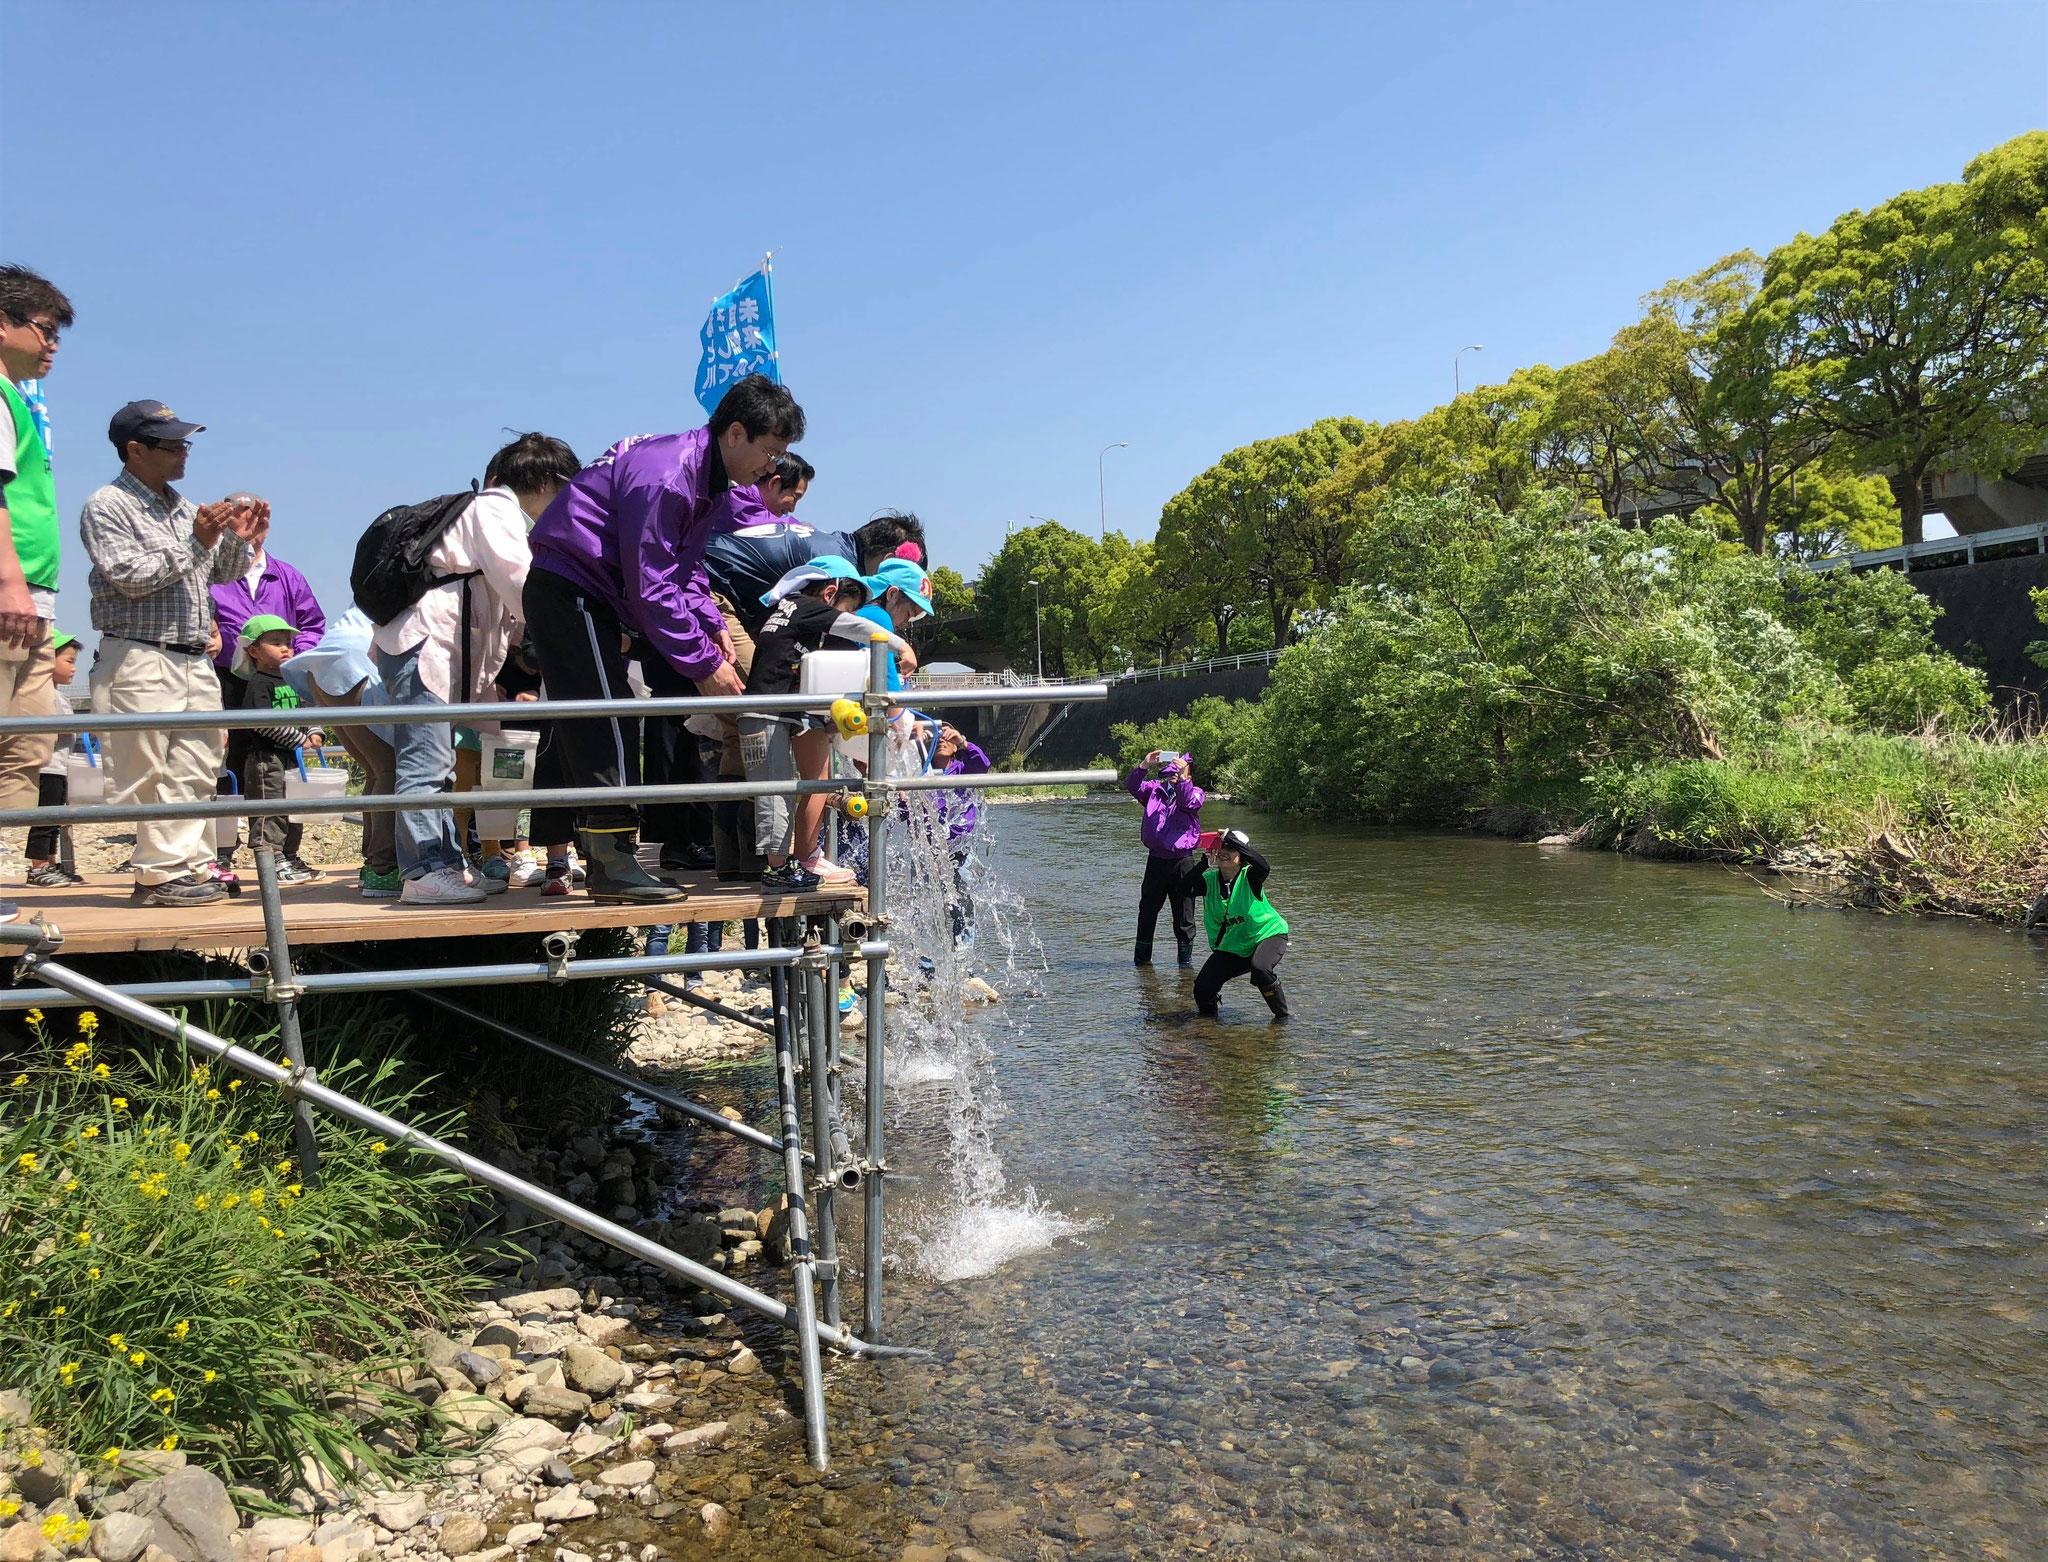 04月21日 紫川清掃とアユの放流②